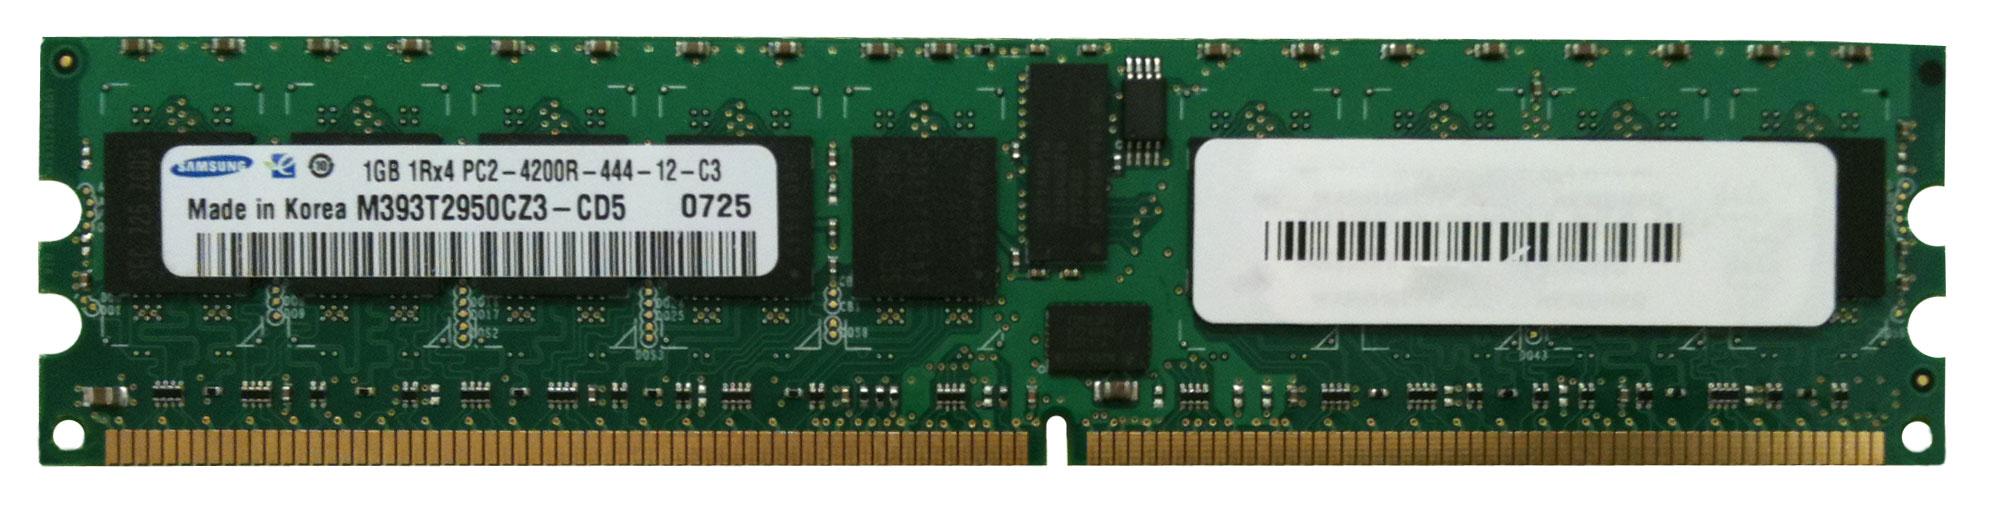 M4L Certified 1GB 533MHz DDR2 PC2-4200 Reg ECC CL4 240-Pin Single Rank x4 DIMM Mfr P/N M4L-PC2533D2S4R4-1G